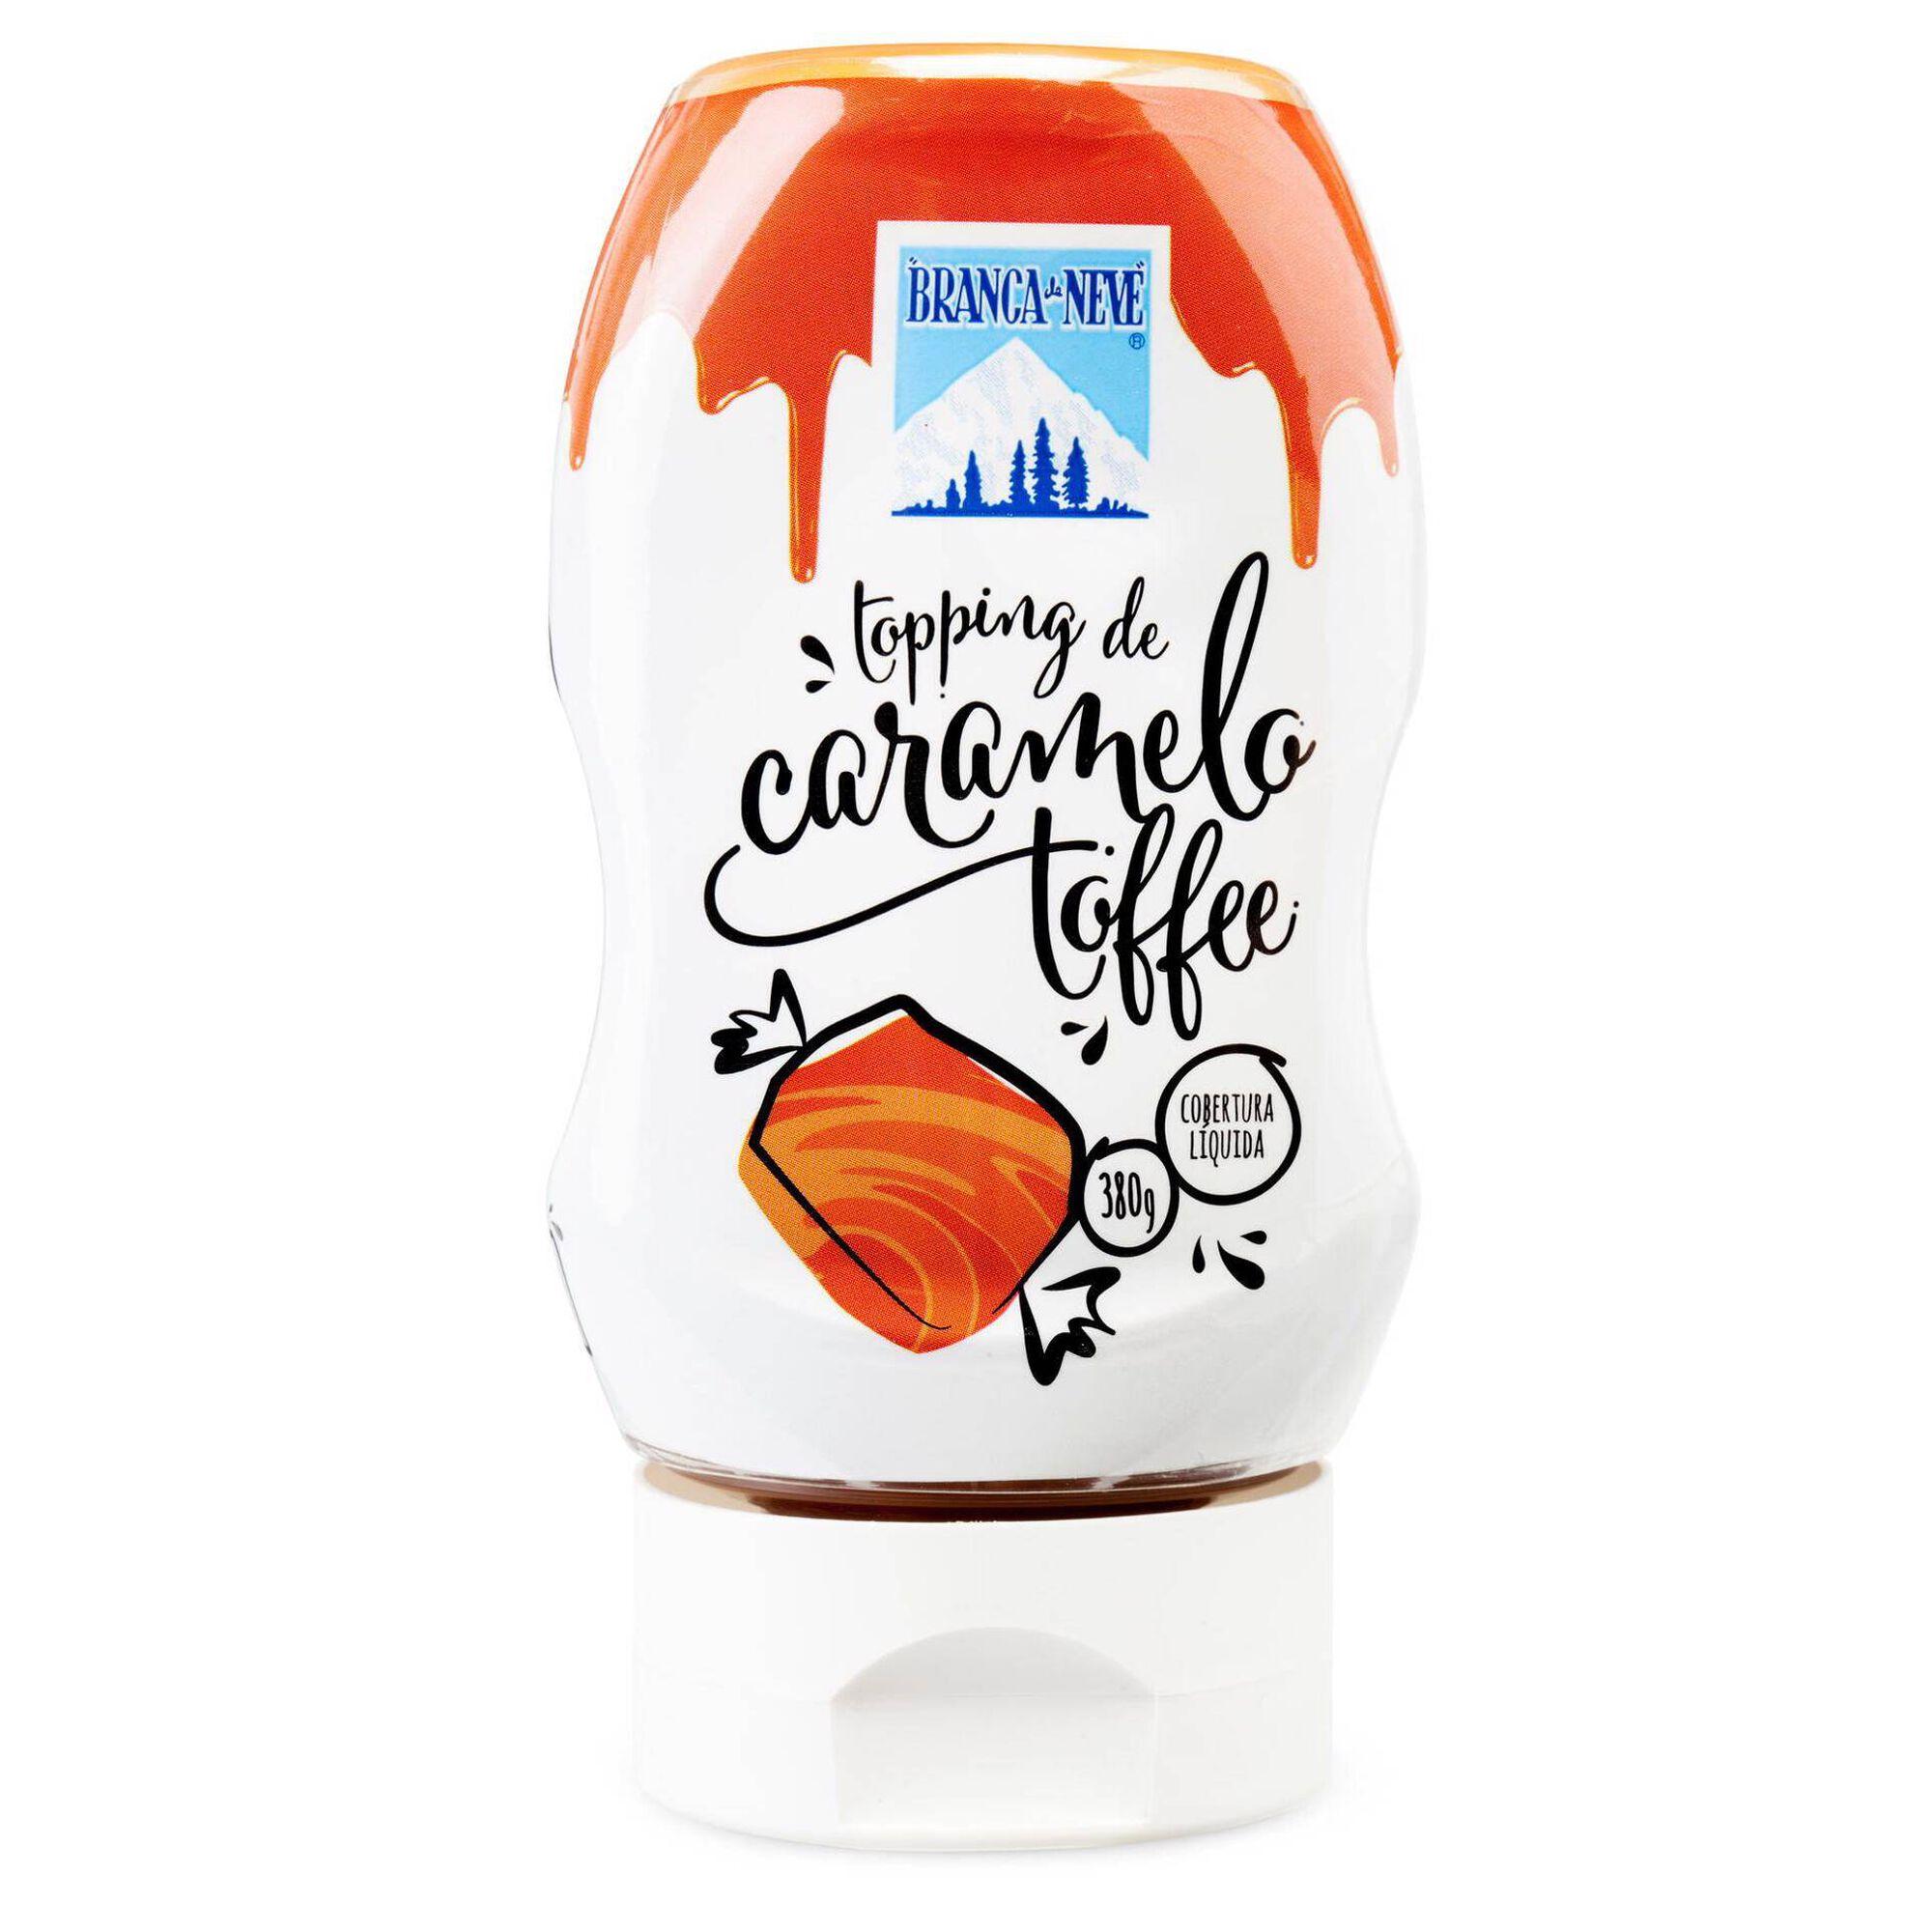 Topping de Caramelo